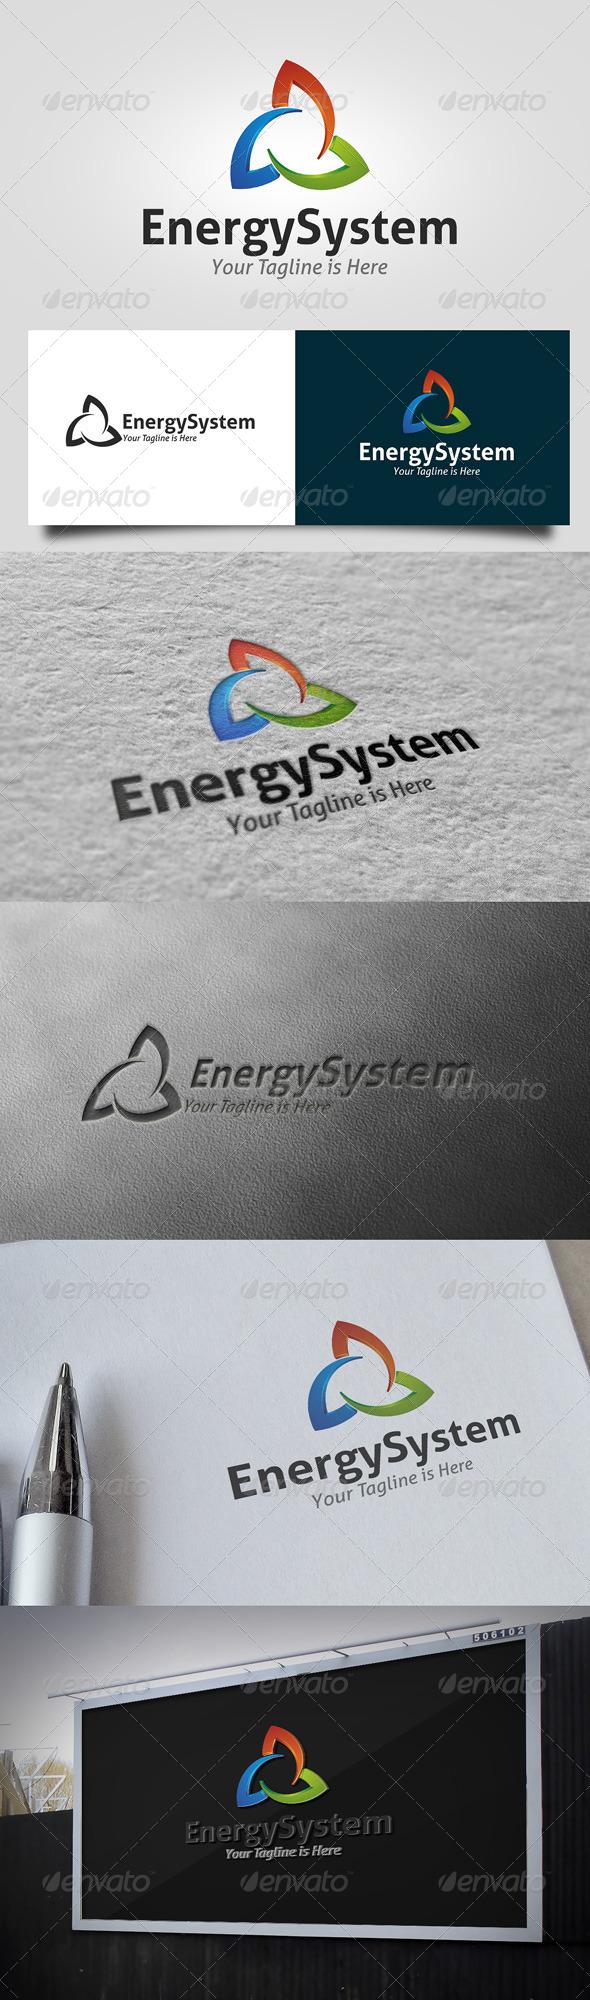 Energy System Logo